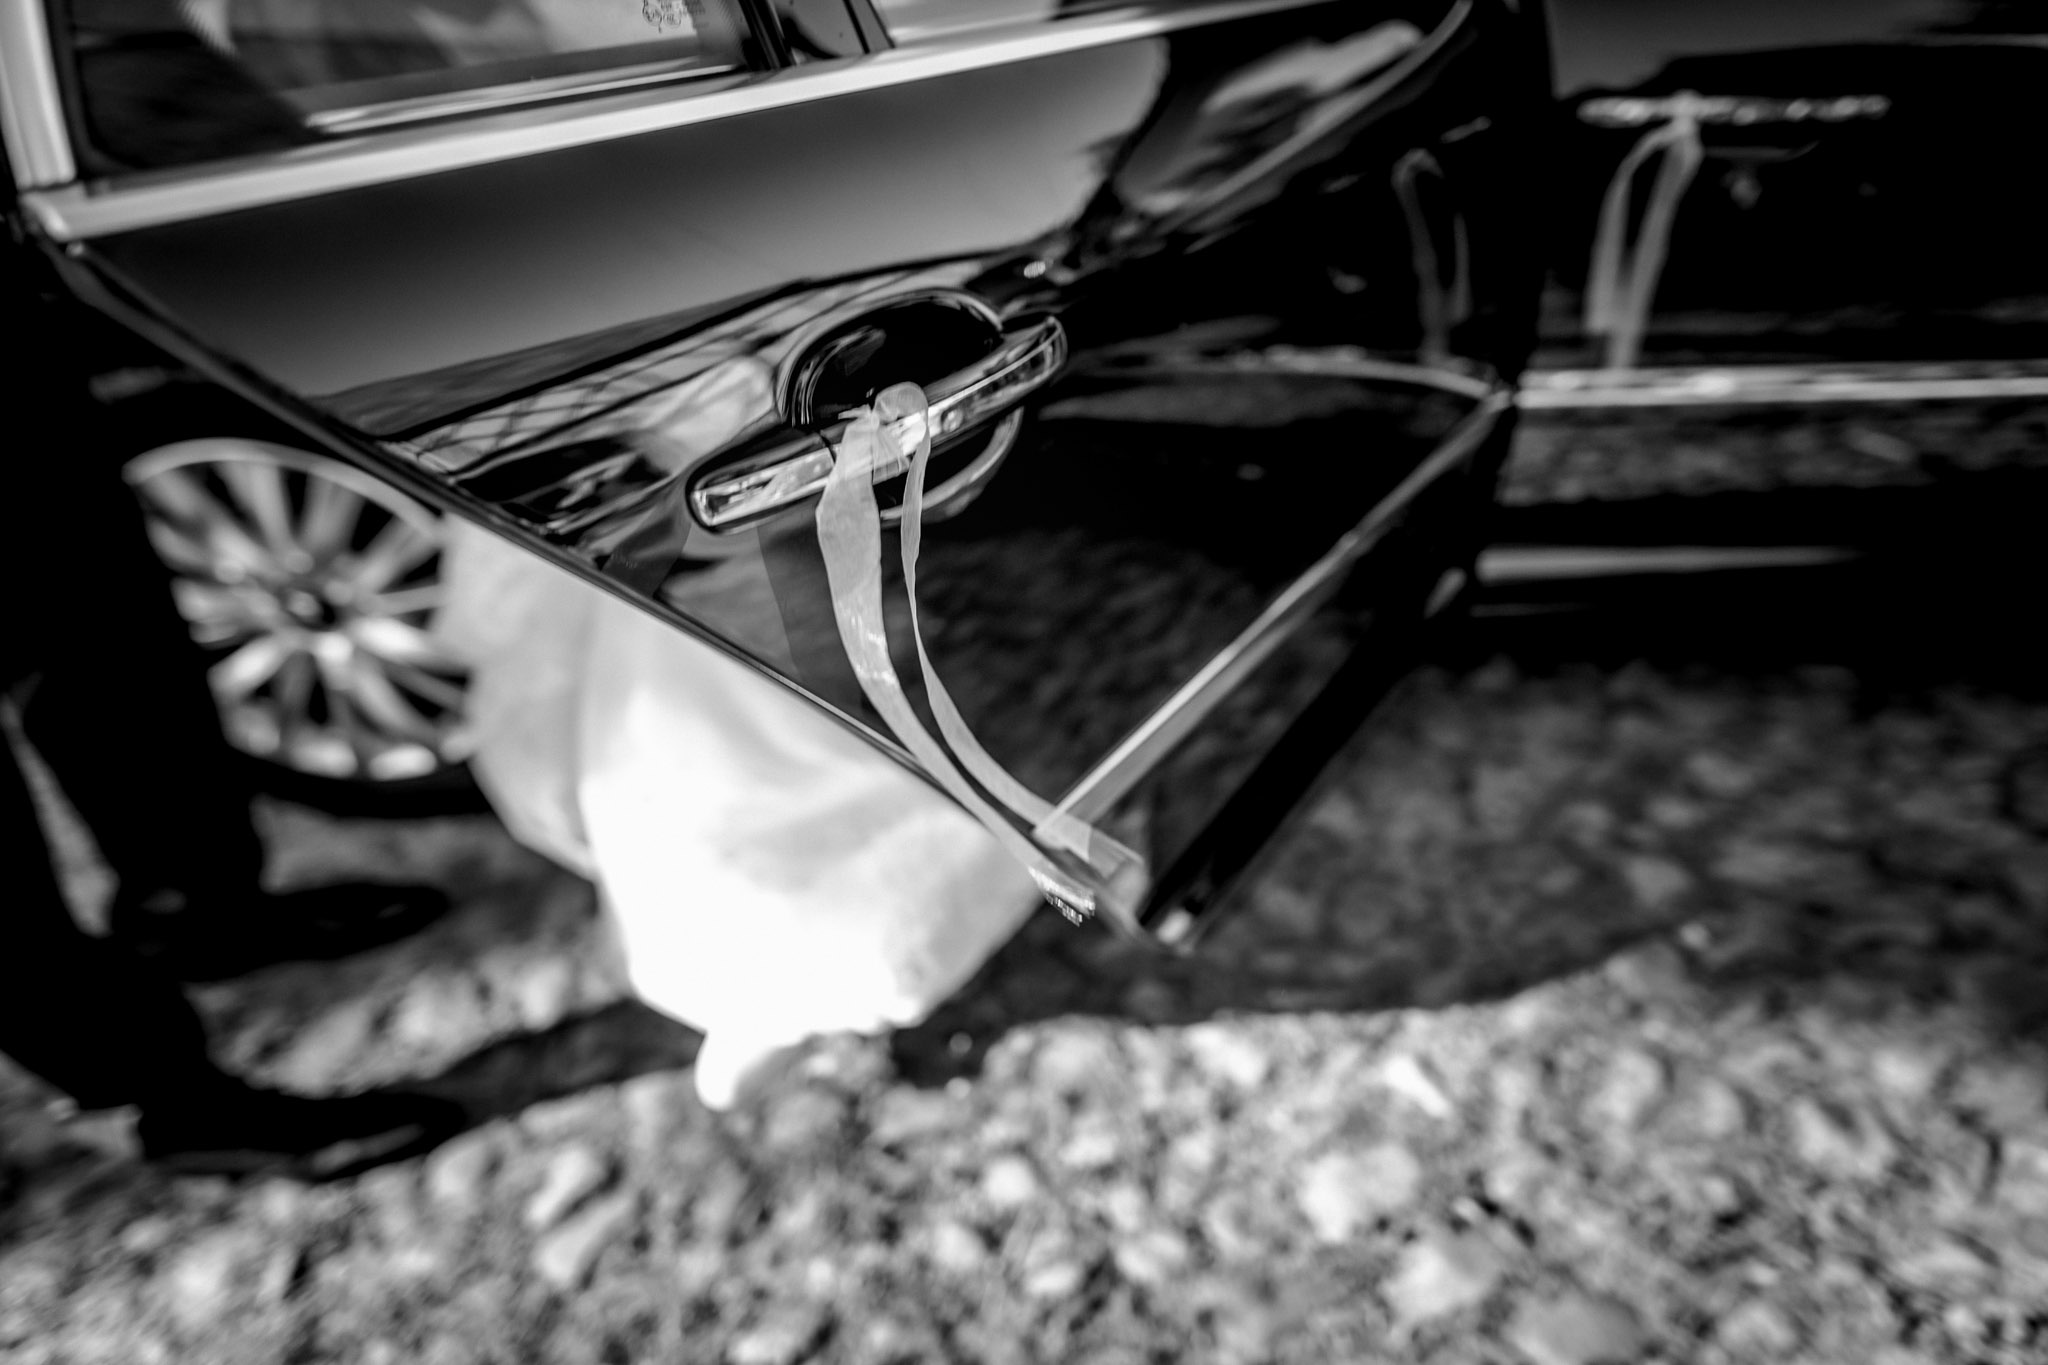 Sven Schomburg Hochzeitsfotografie, Hamburg, Mölln, Hochzeitsfieber by Photo-Schomburg, Hochzeitsreportage, Forsthaus Waldhusen, Braut, Bräutigam-59